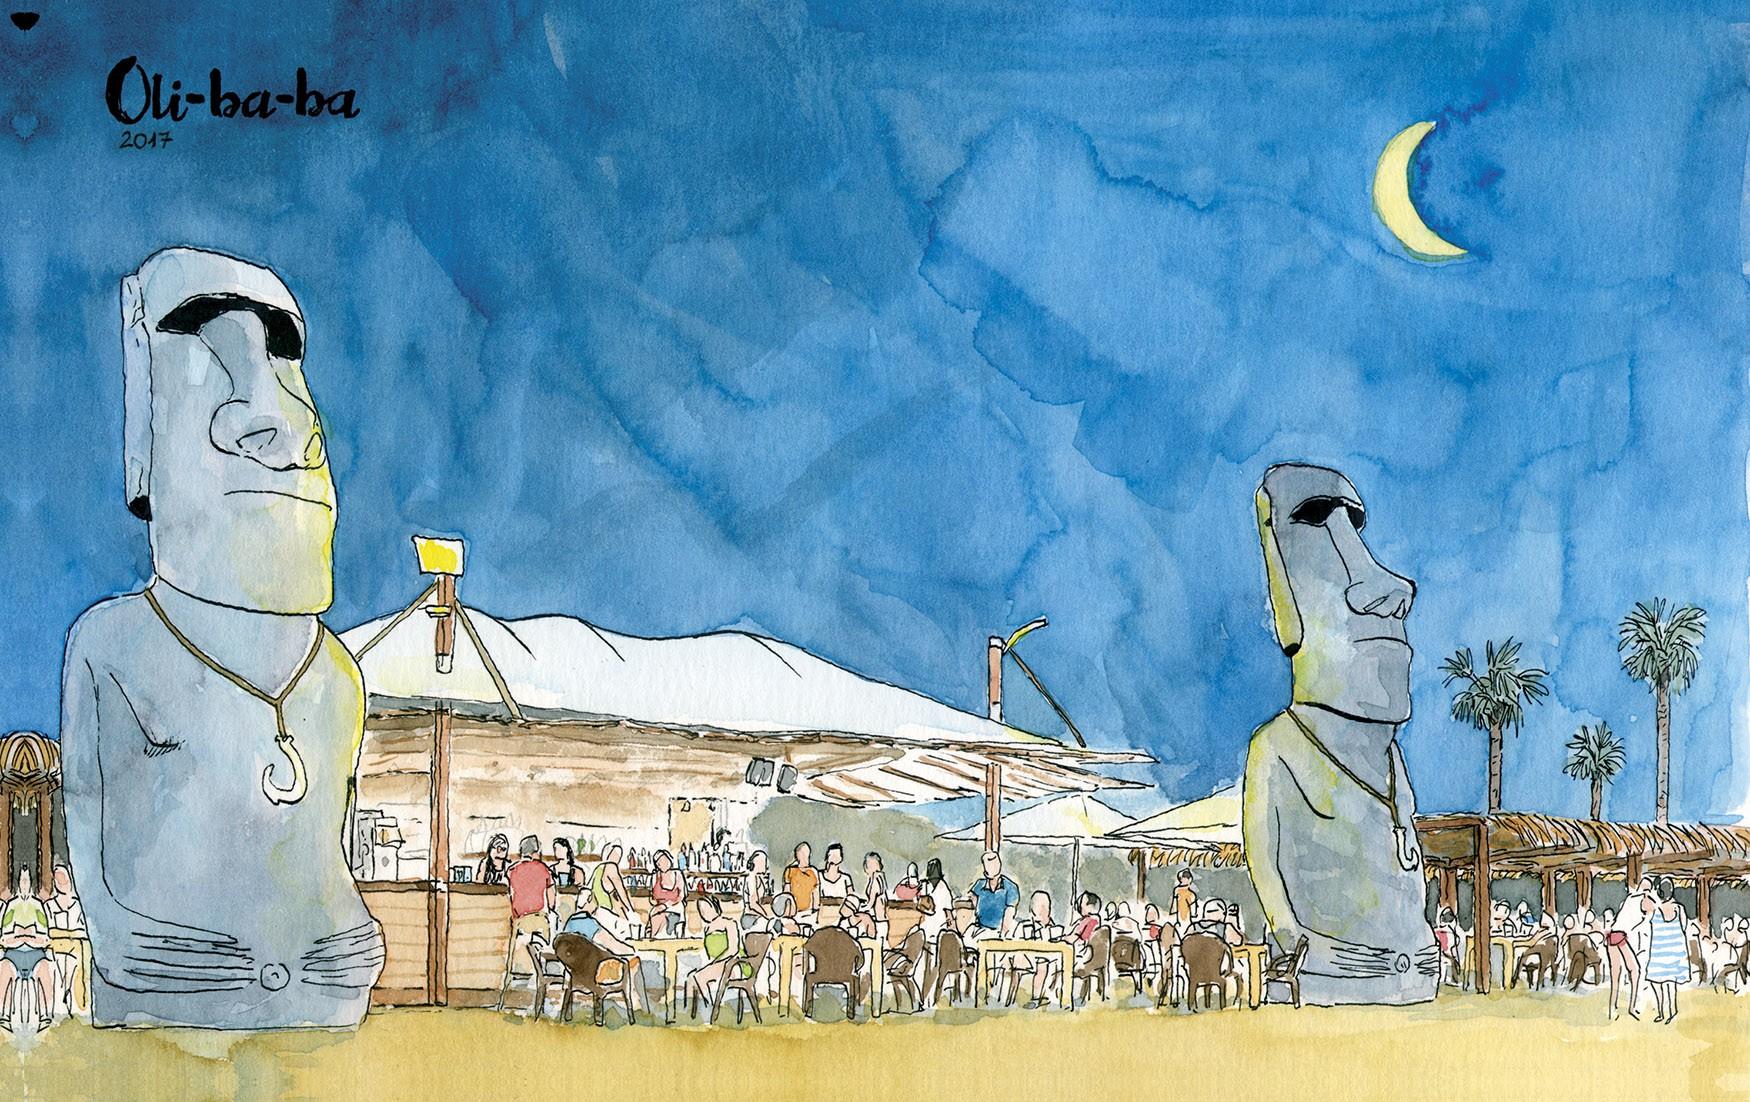 Ilustración de noche del beach club de la playa de Oliva Oliba-ba en la provincia de Valencia y comarca de la safor